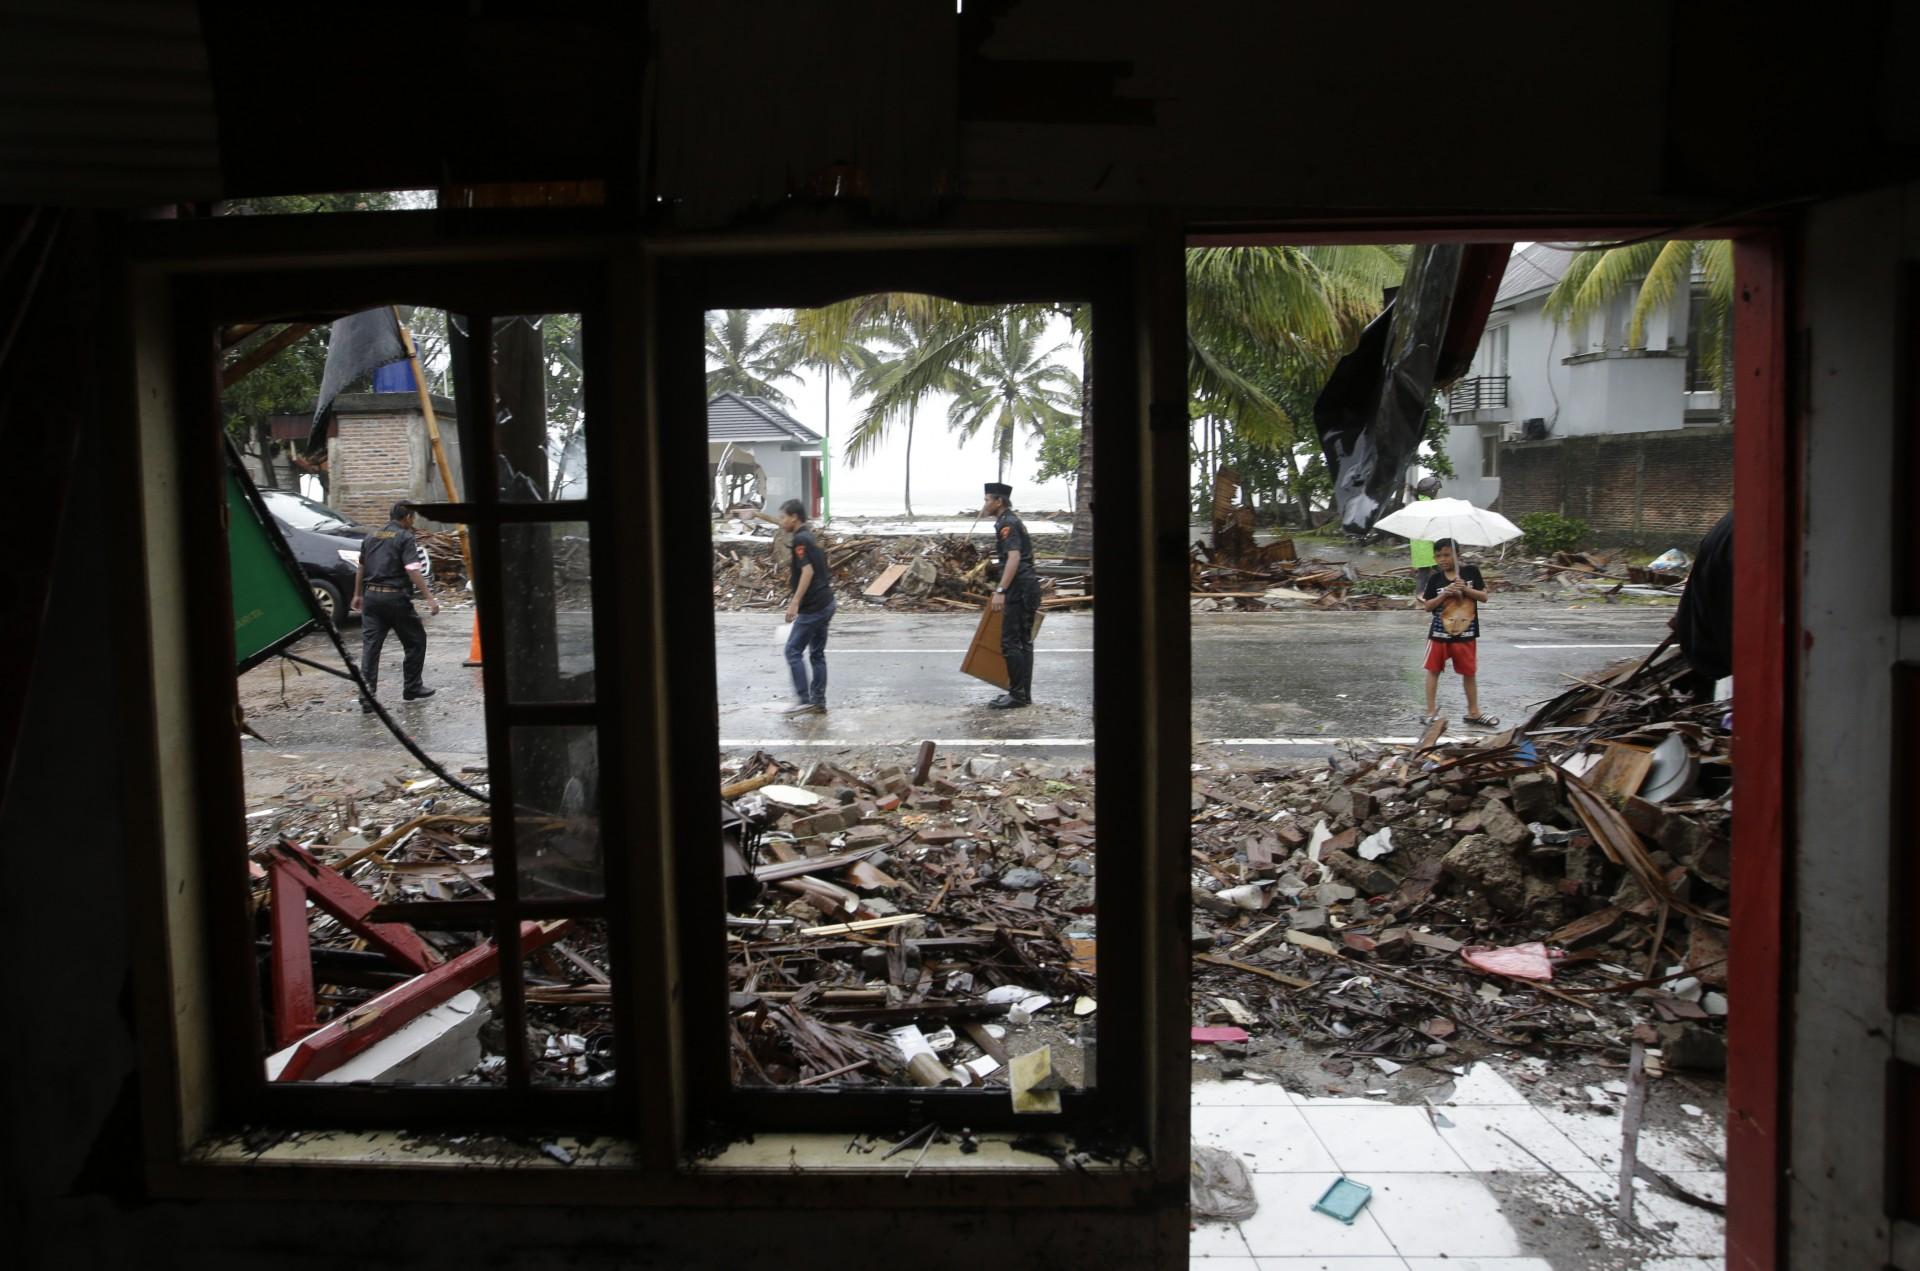 Los voluntarios limpian los escombros en la calle después del tsunami en Carita, Indonesia, el miércoles 26 de diciembre de 2018.